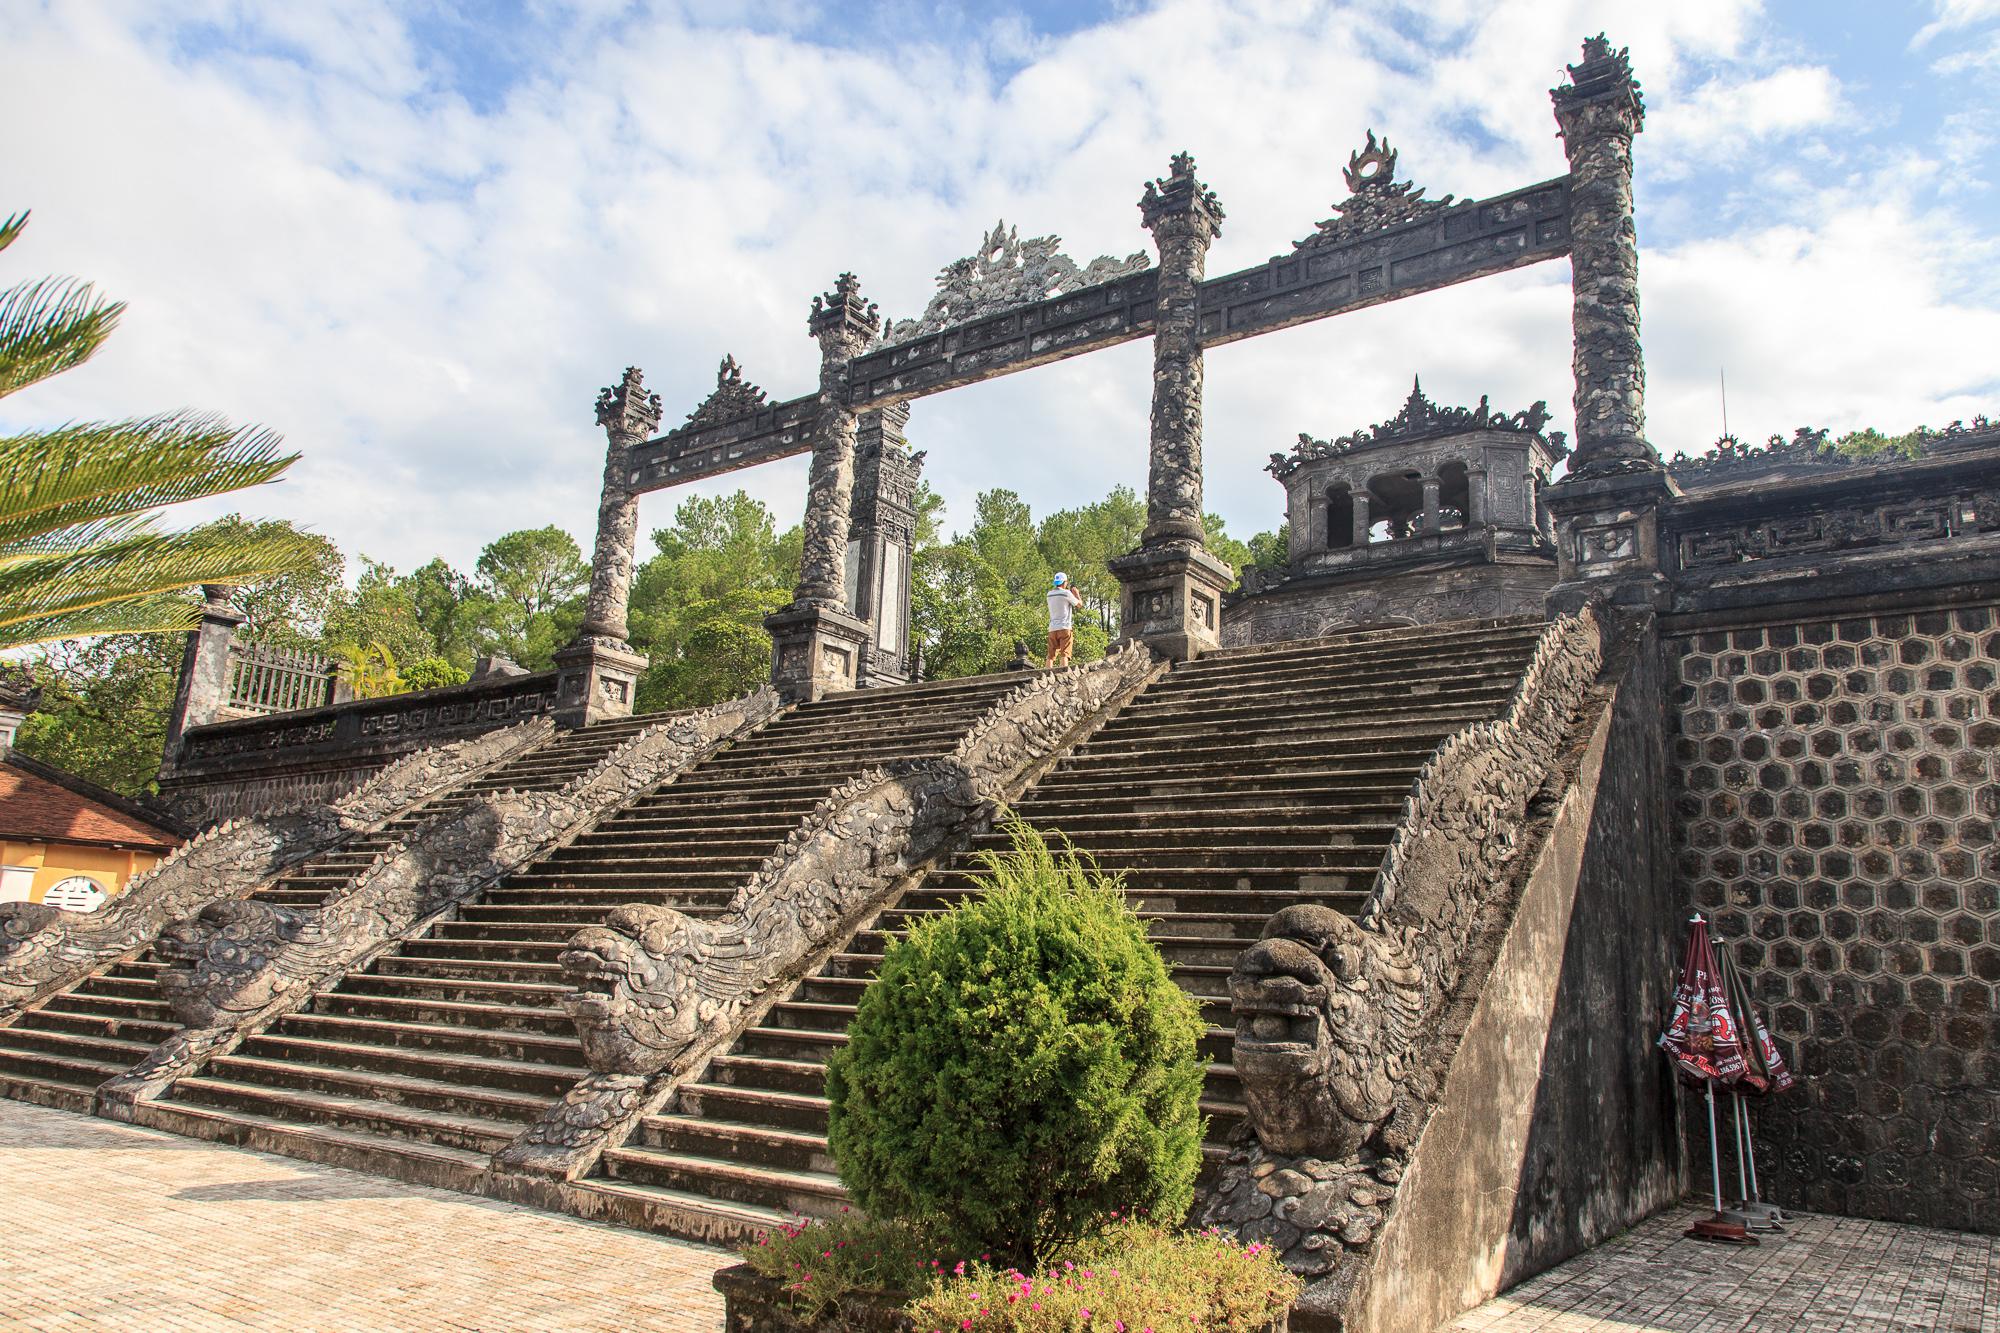 Фотография гробницы императора Кхай Диня